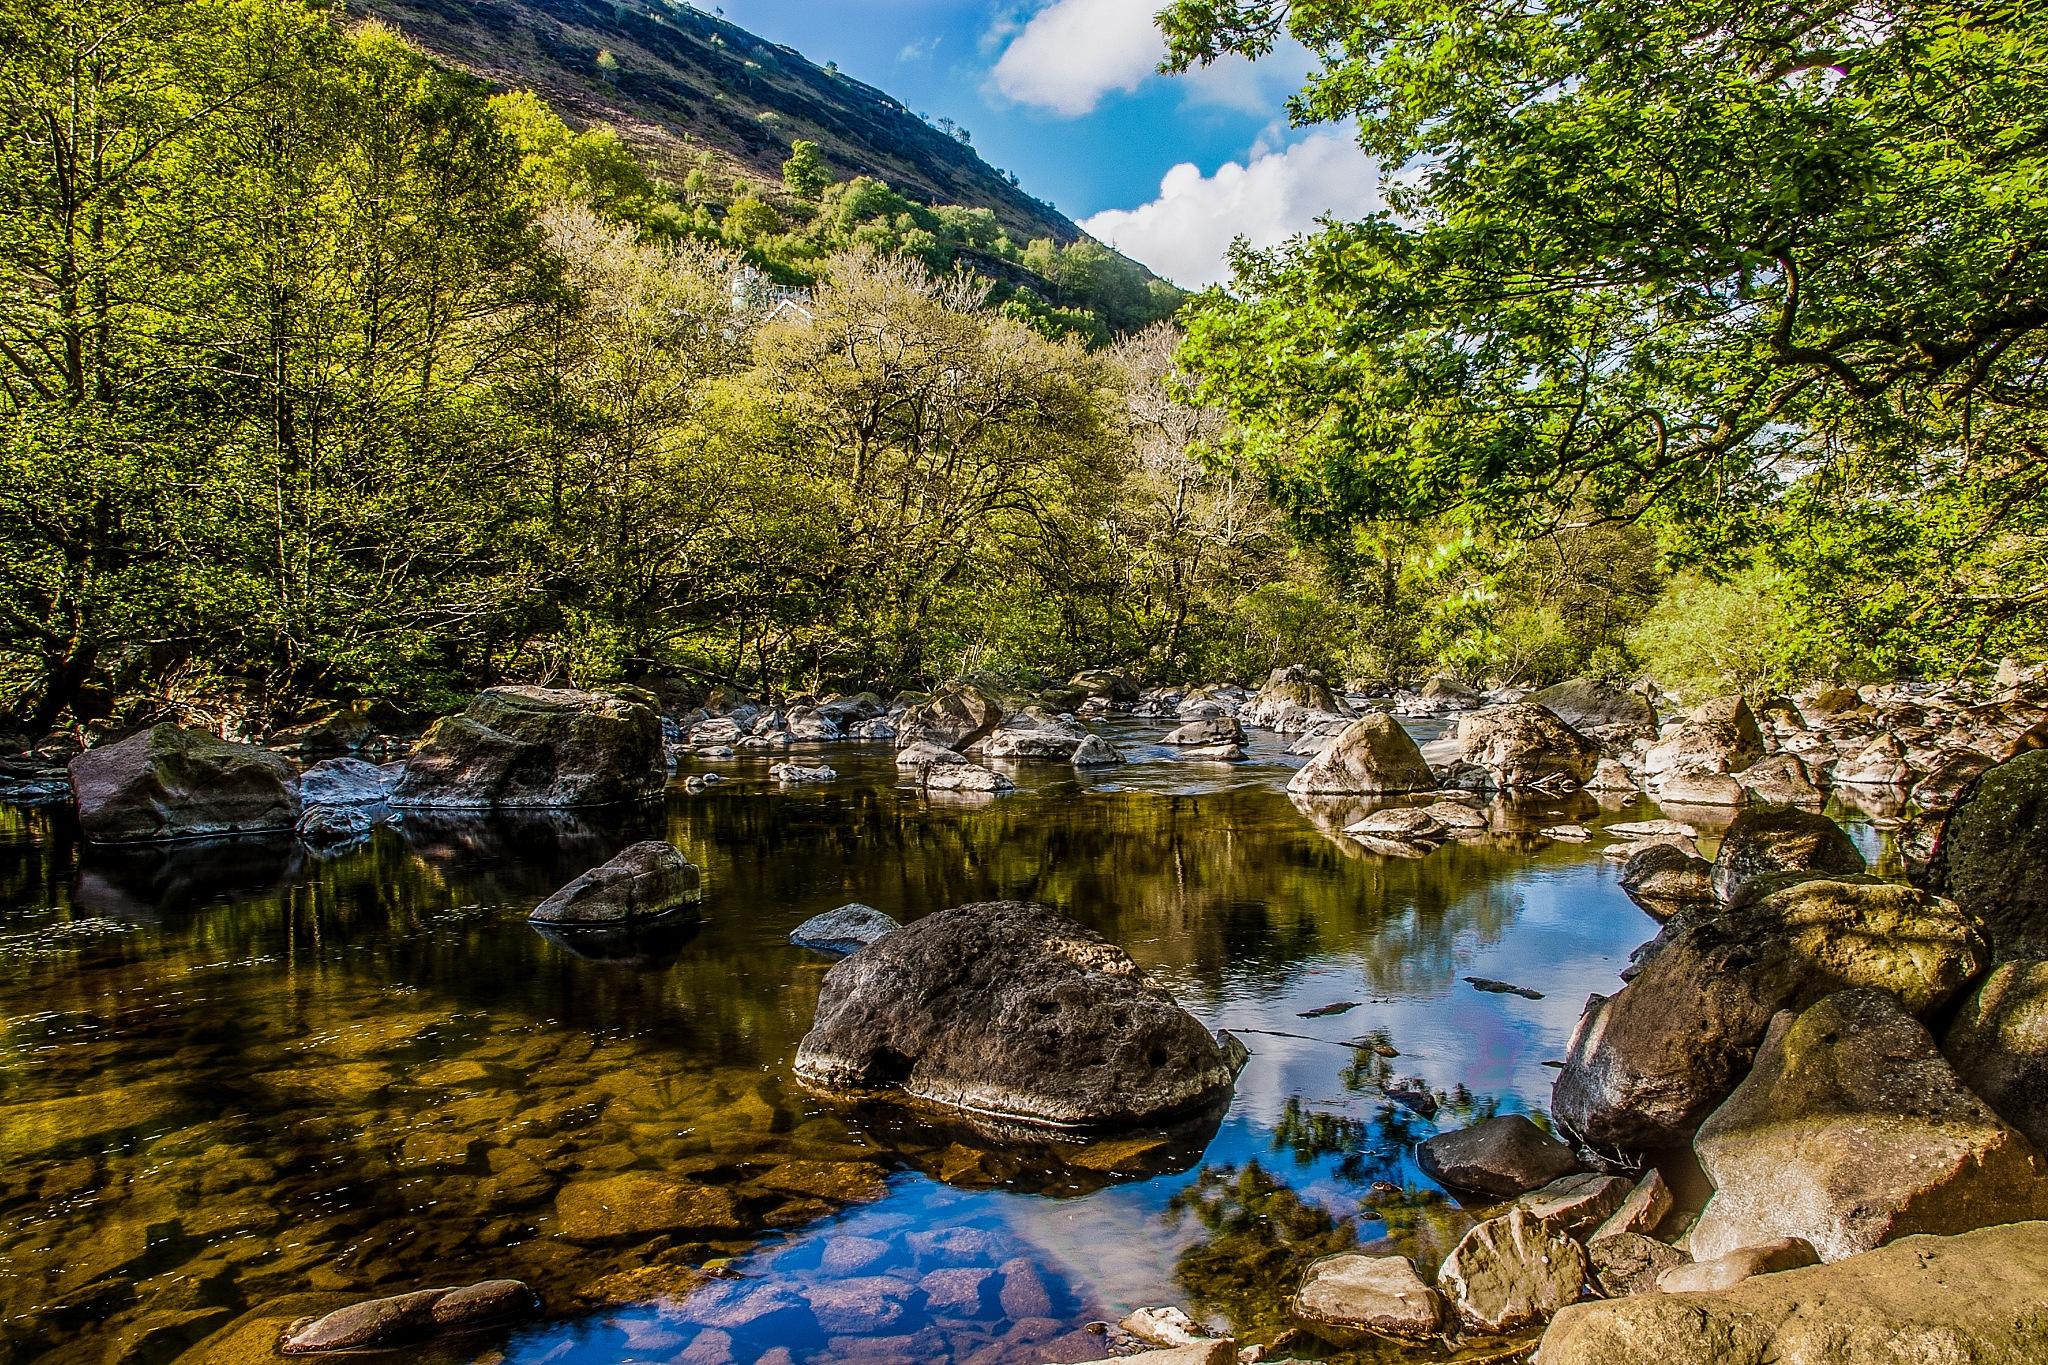 River Elan by Richard Poole